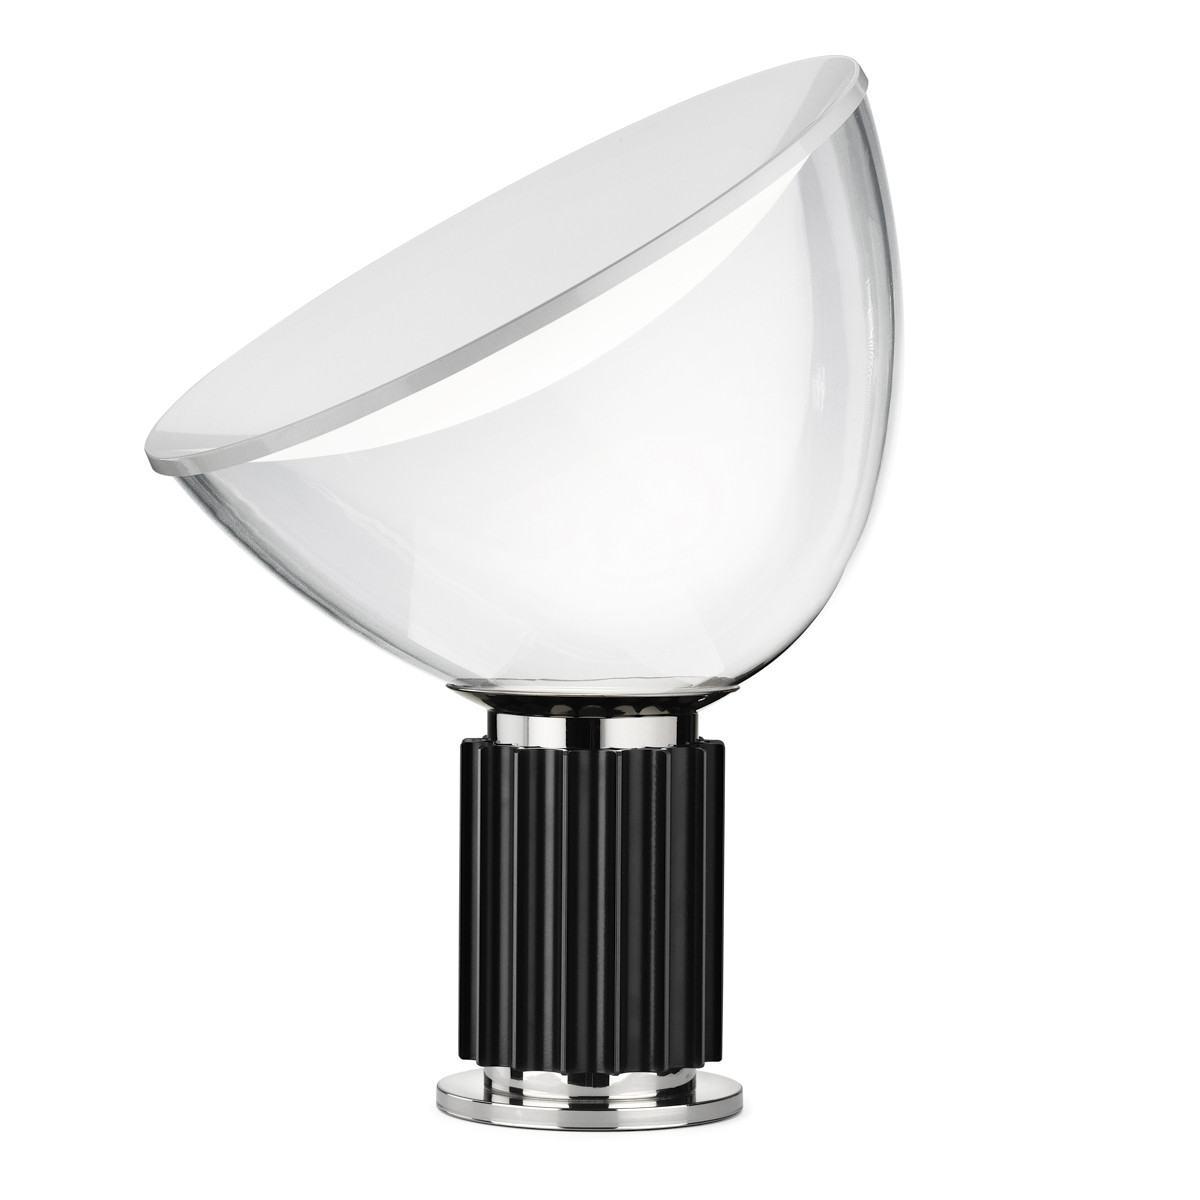 Flos Taccia LED Table Lamp Small